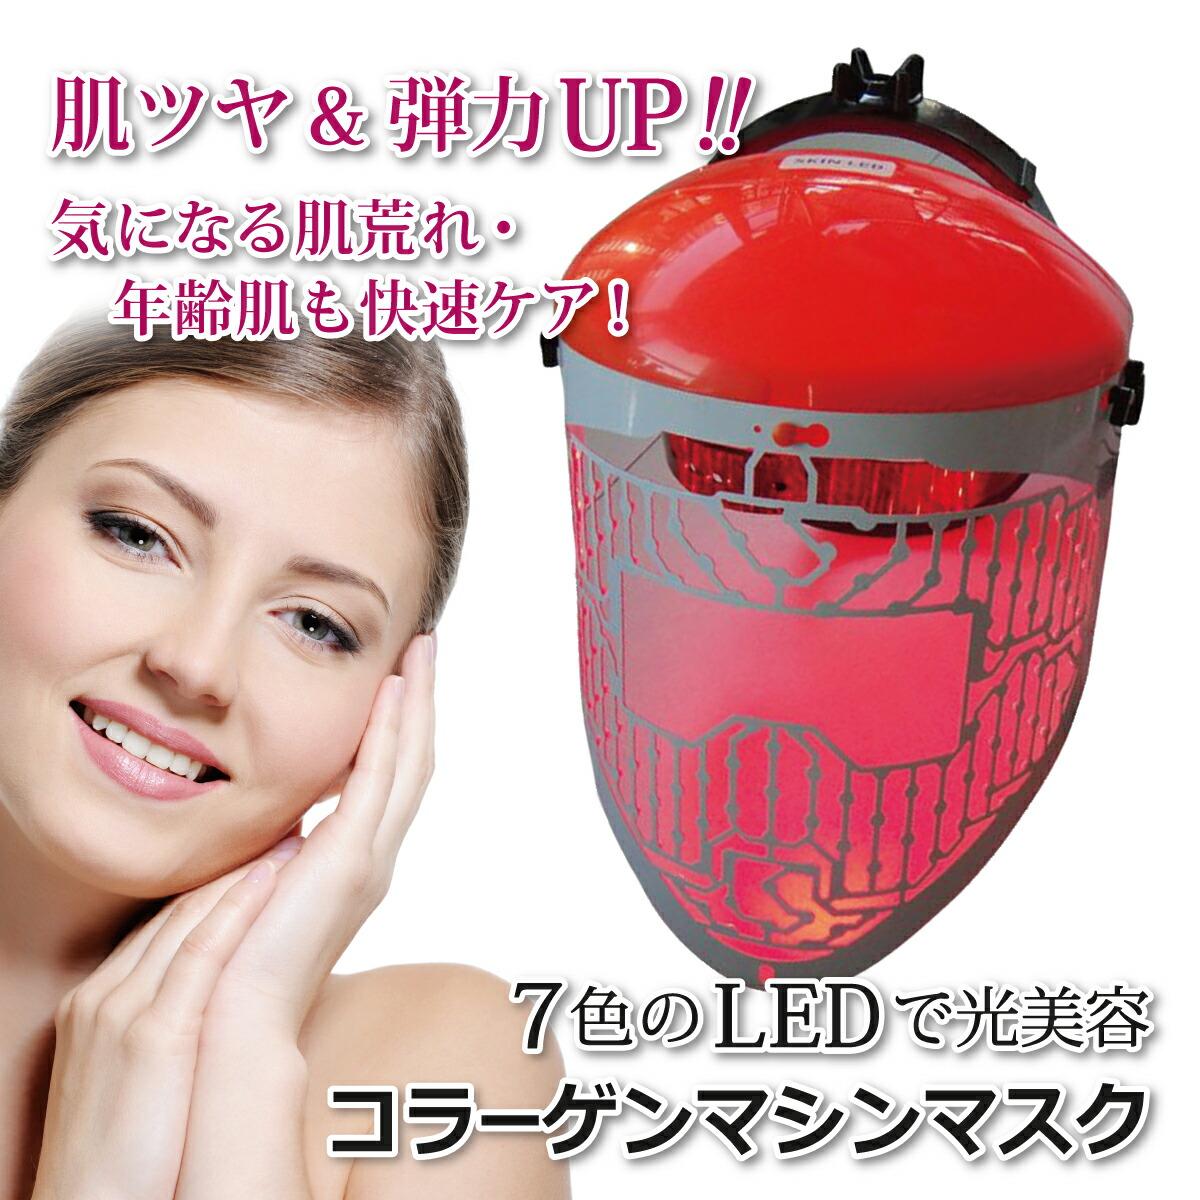 コラーゲンマシンマスク商品画像1